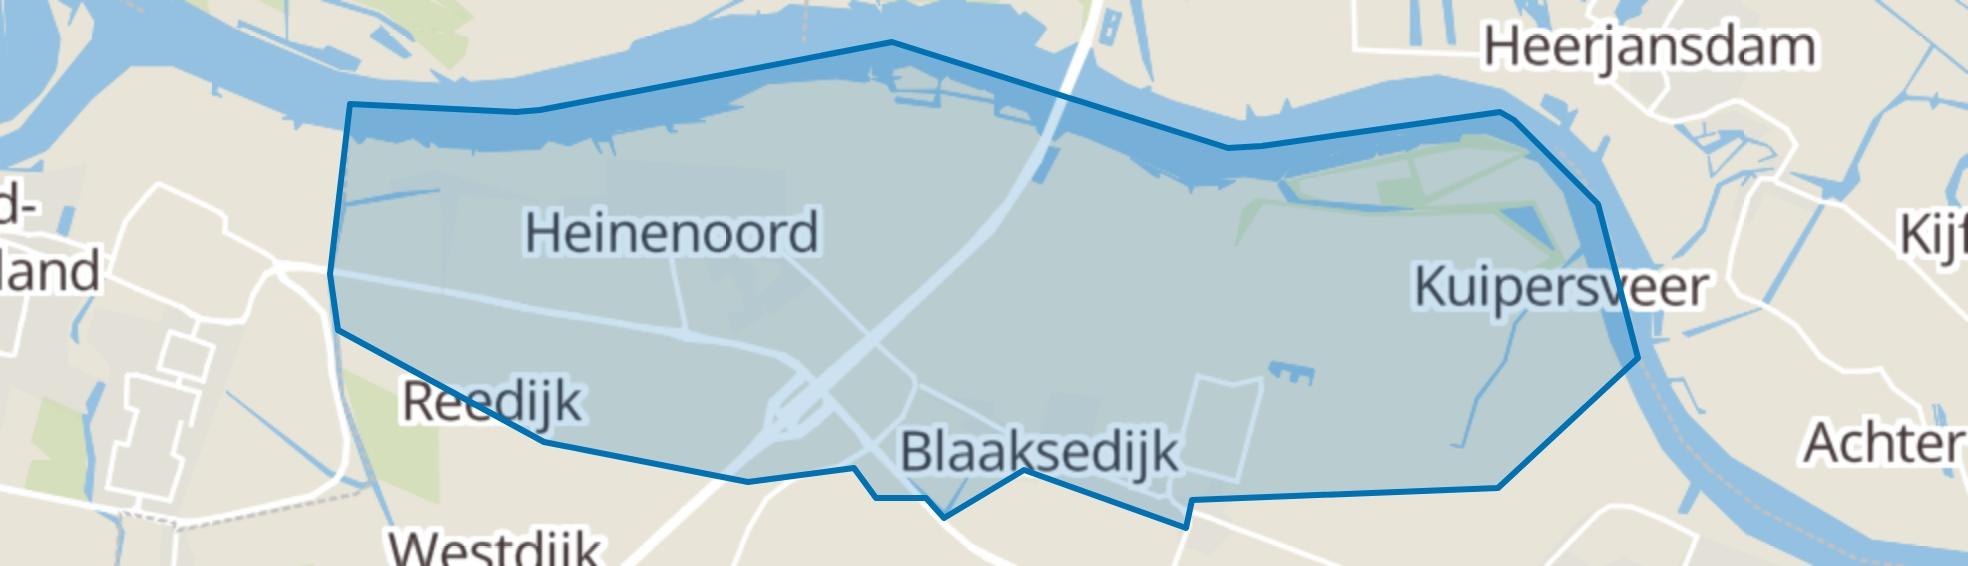 Heinenoord map